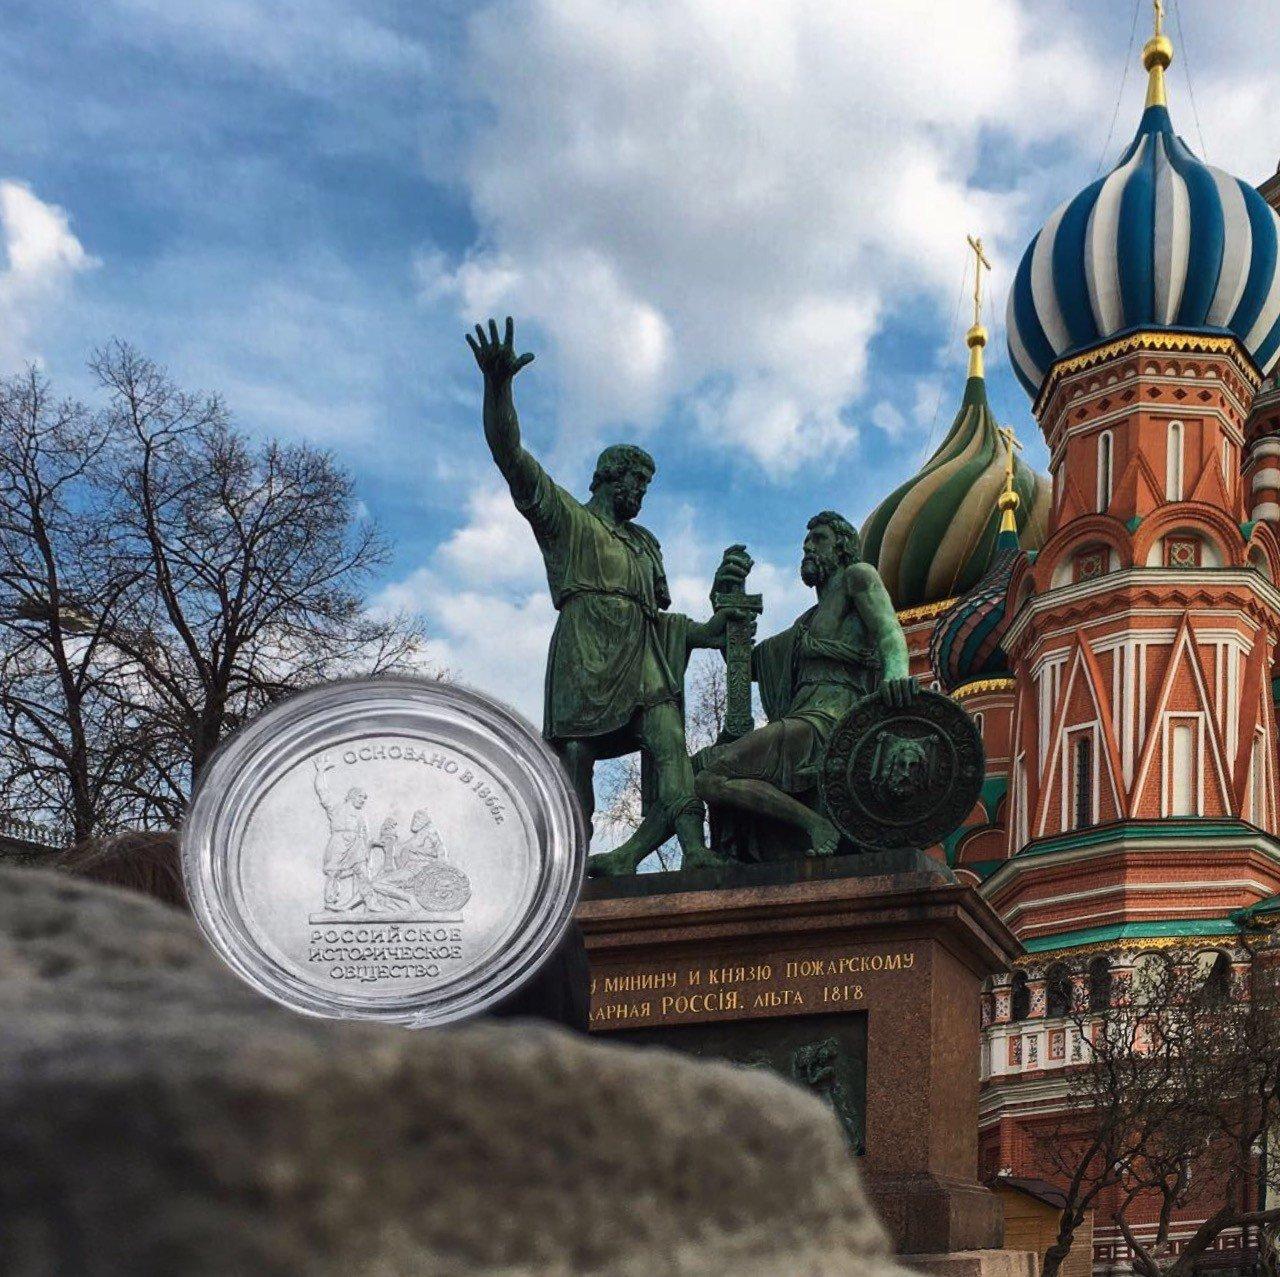 Купить ссылку 5 рублей